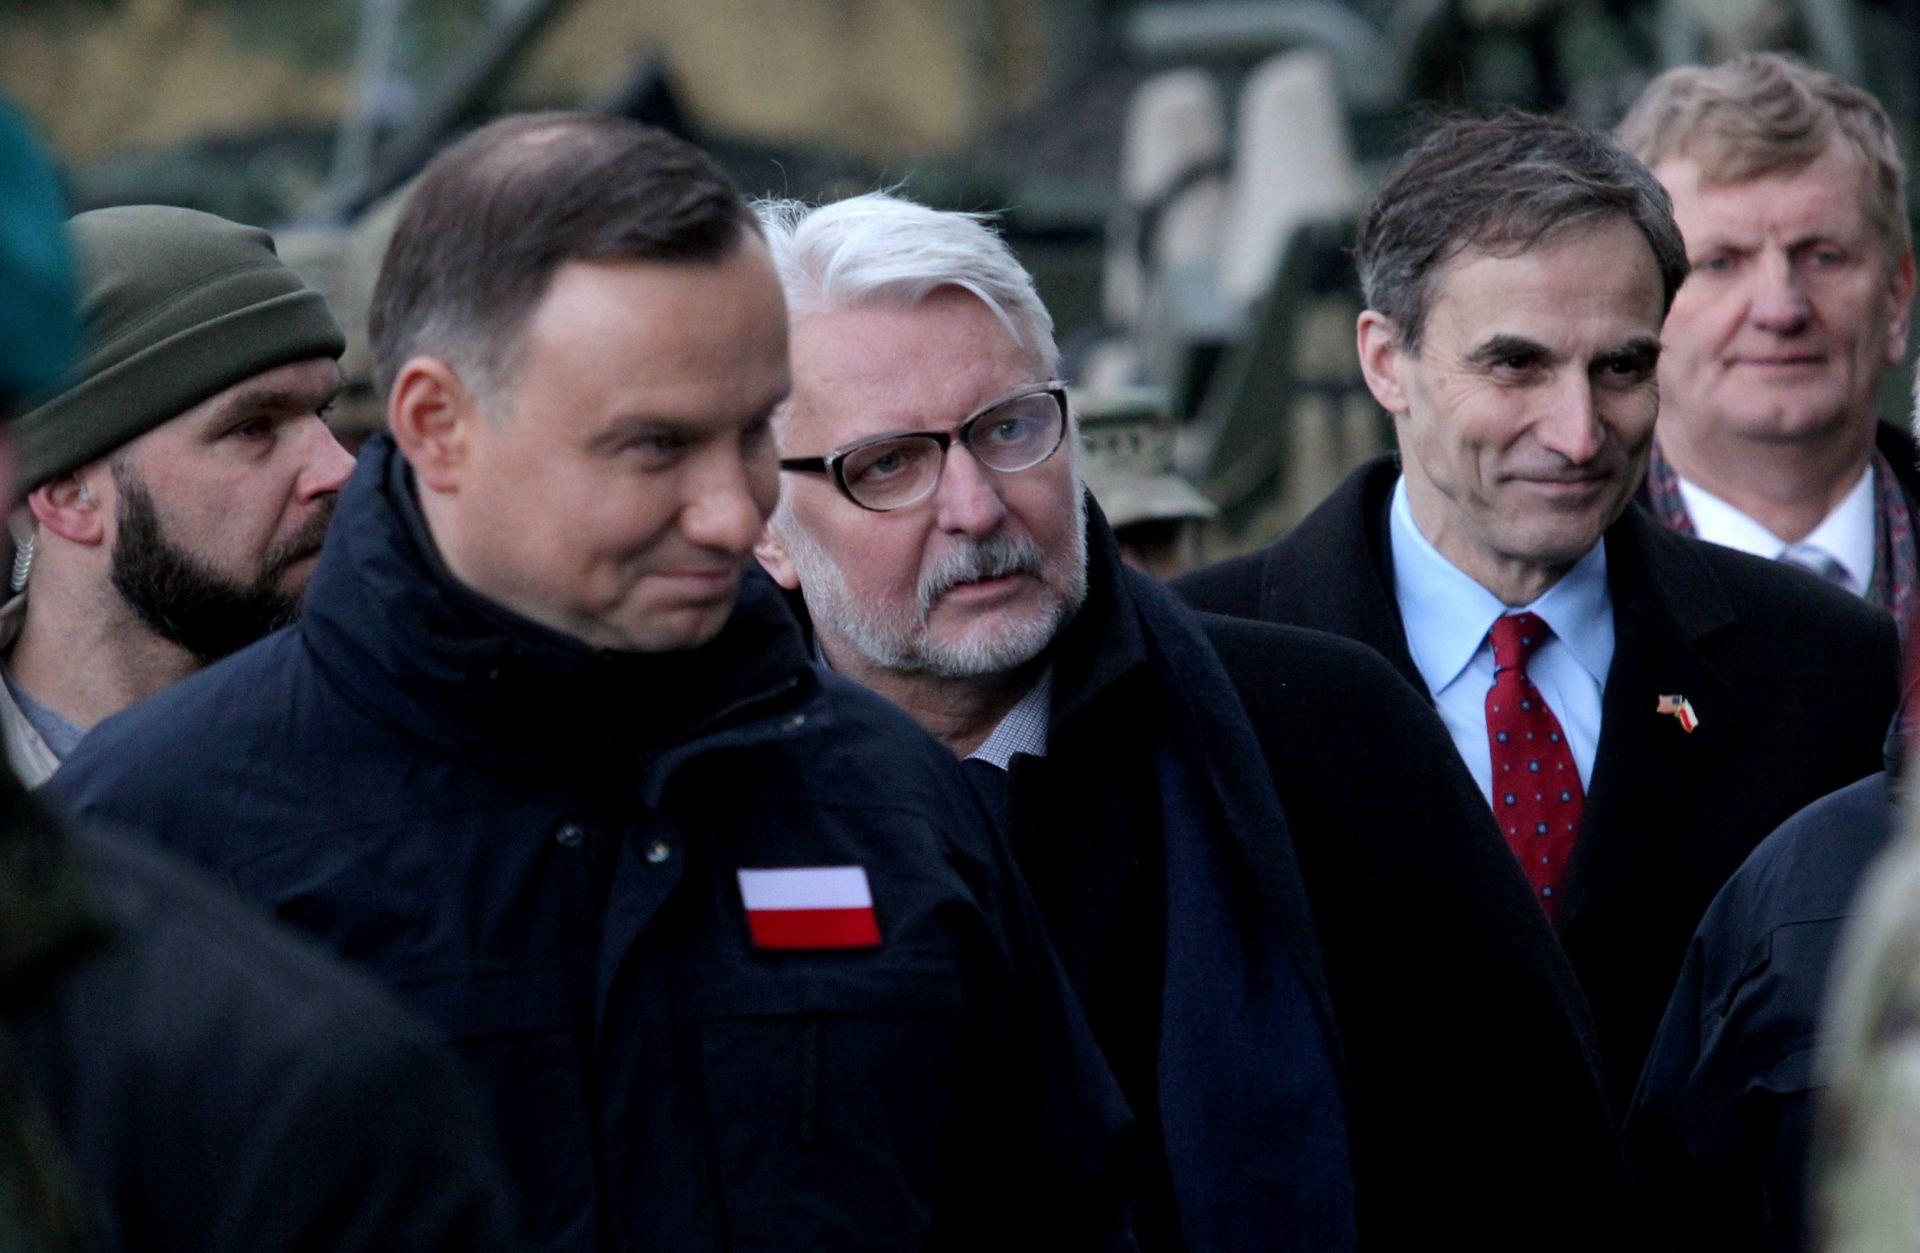 Varšava s dolaskom Macrona na vlast želi 'resetirati' odnose s Parizom